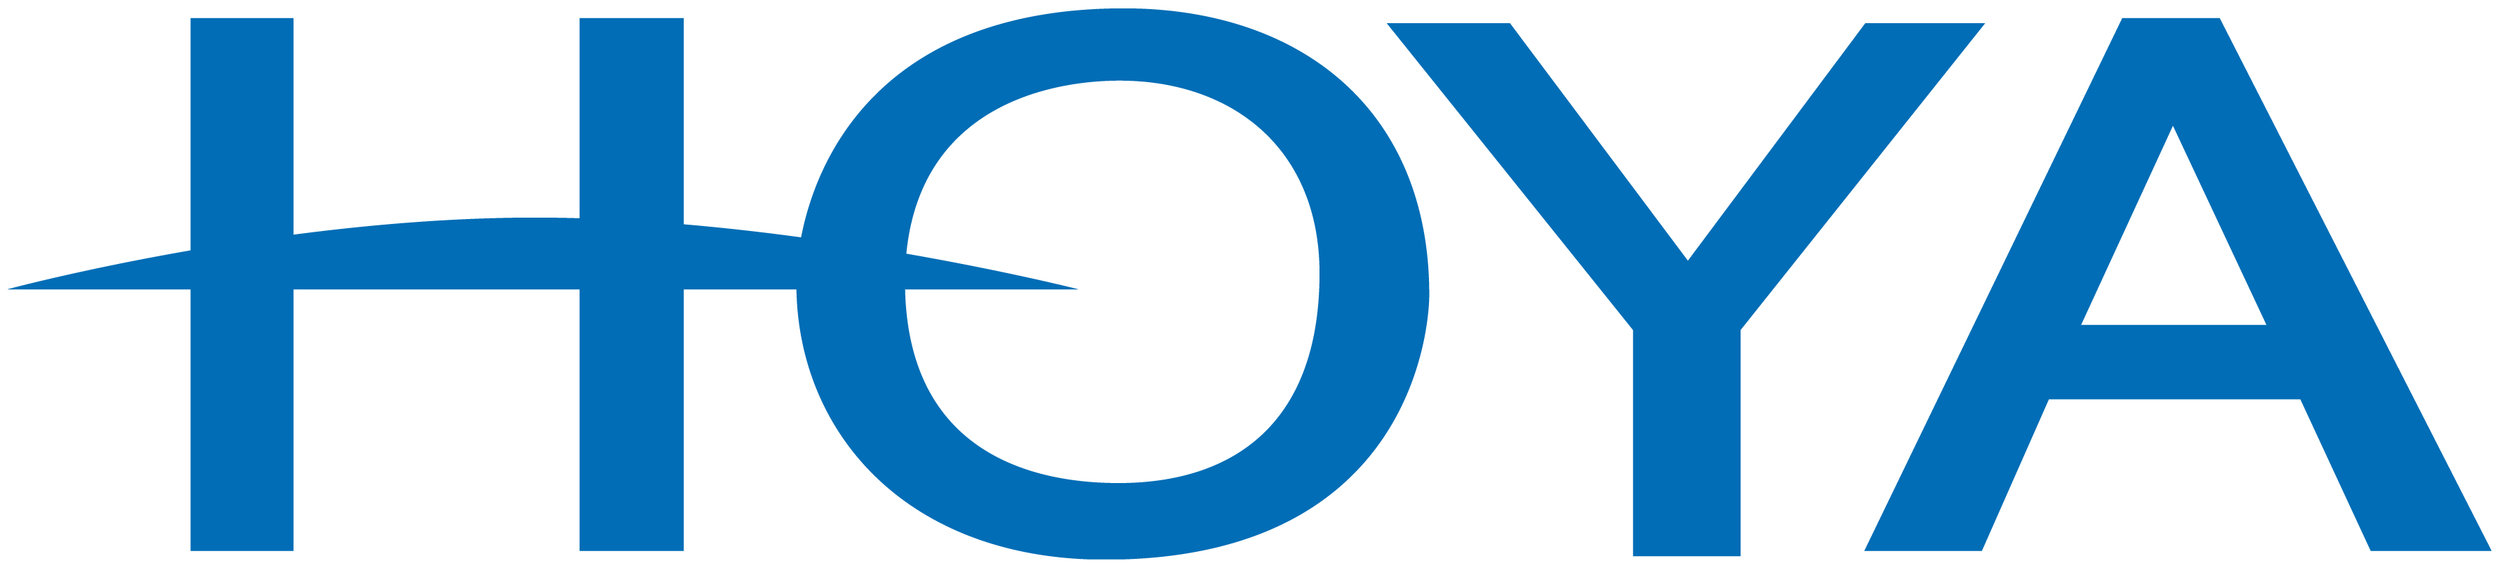 hoya_logo2.jpg